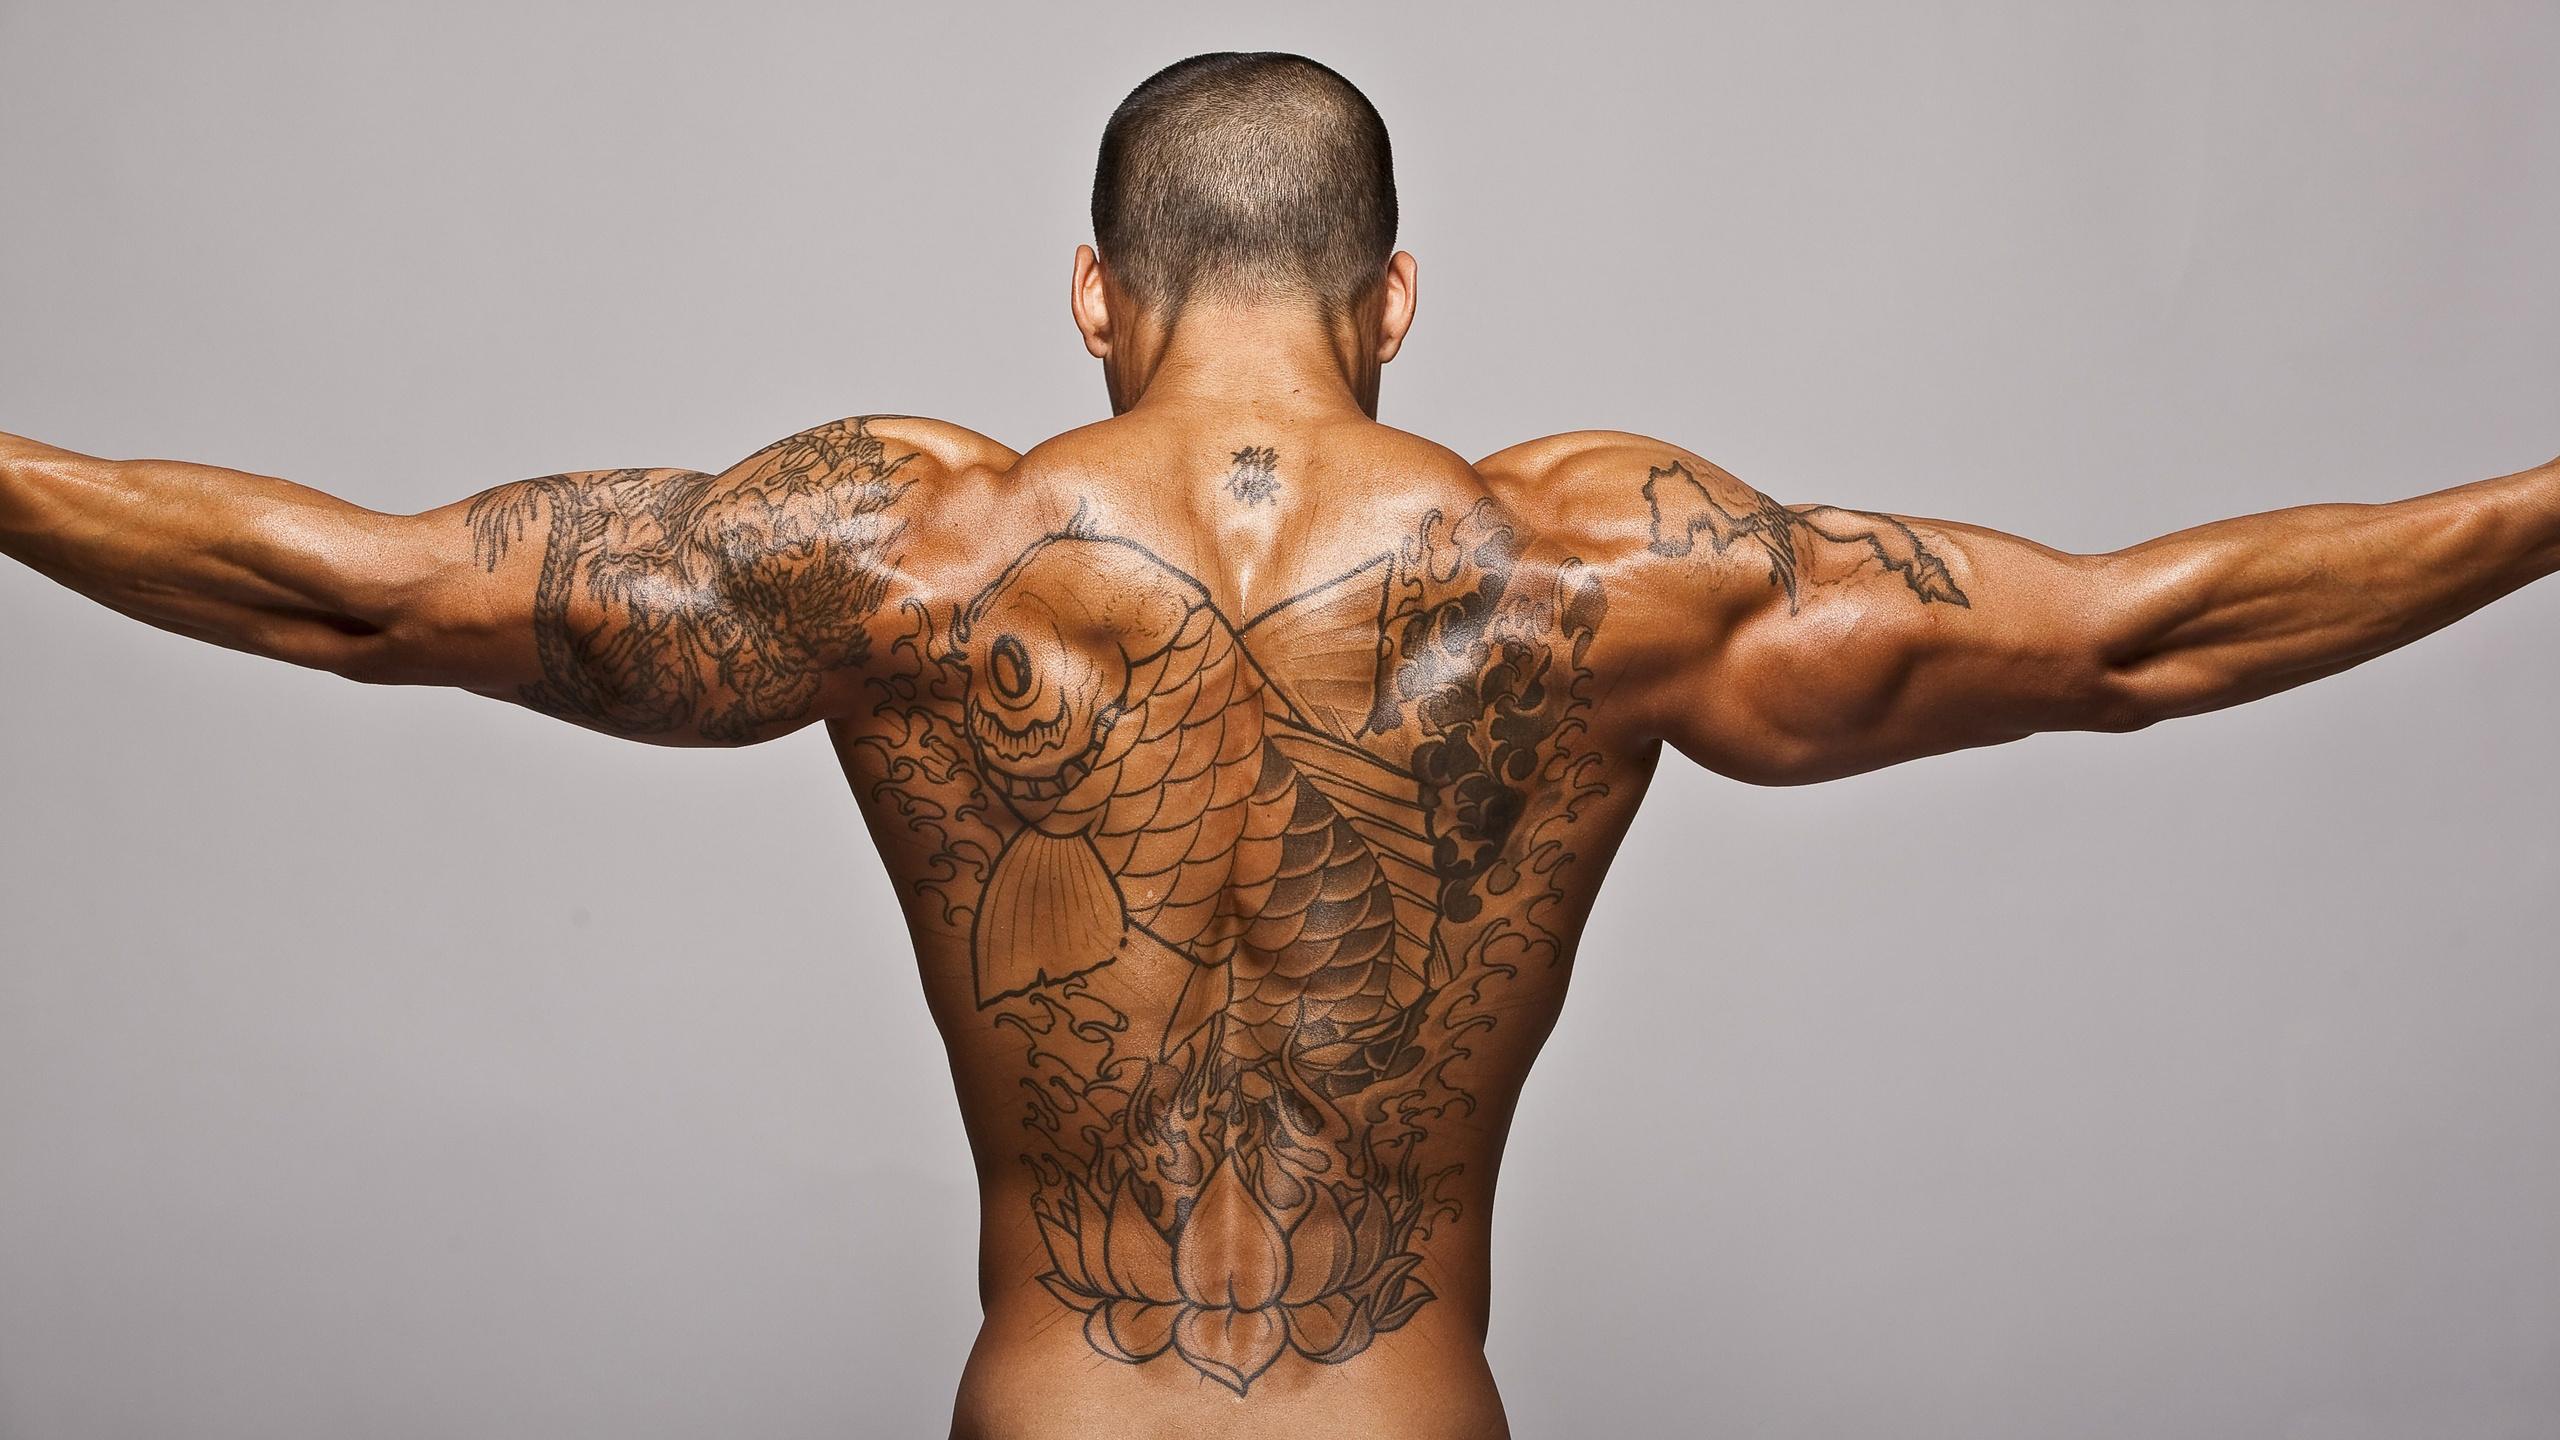 Татуировка на писи 9 фотография